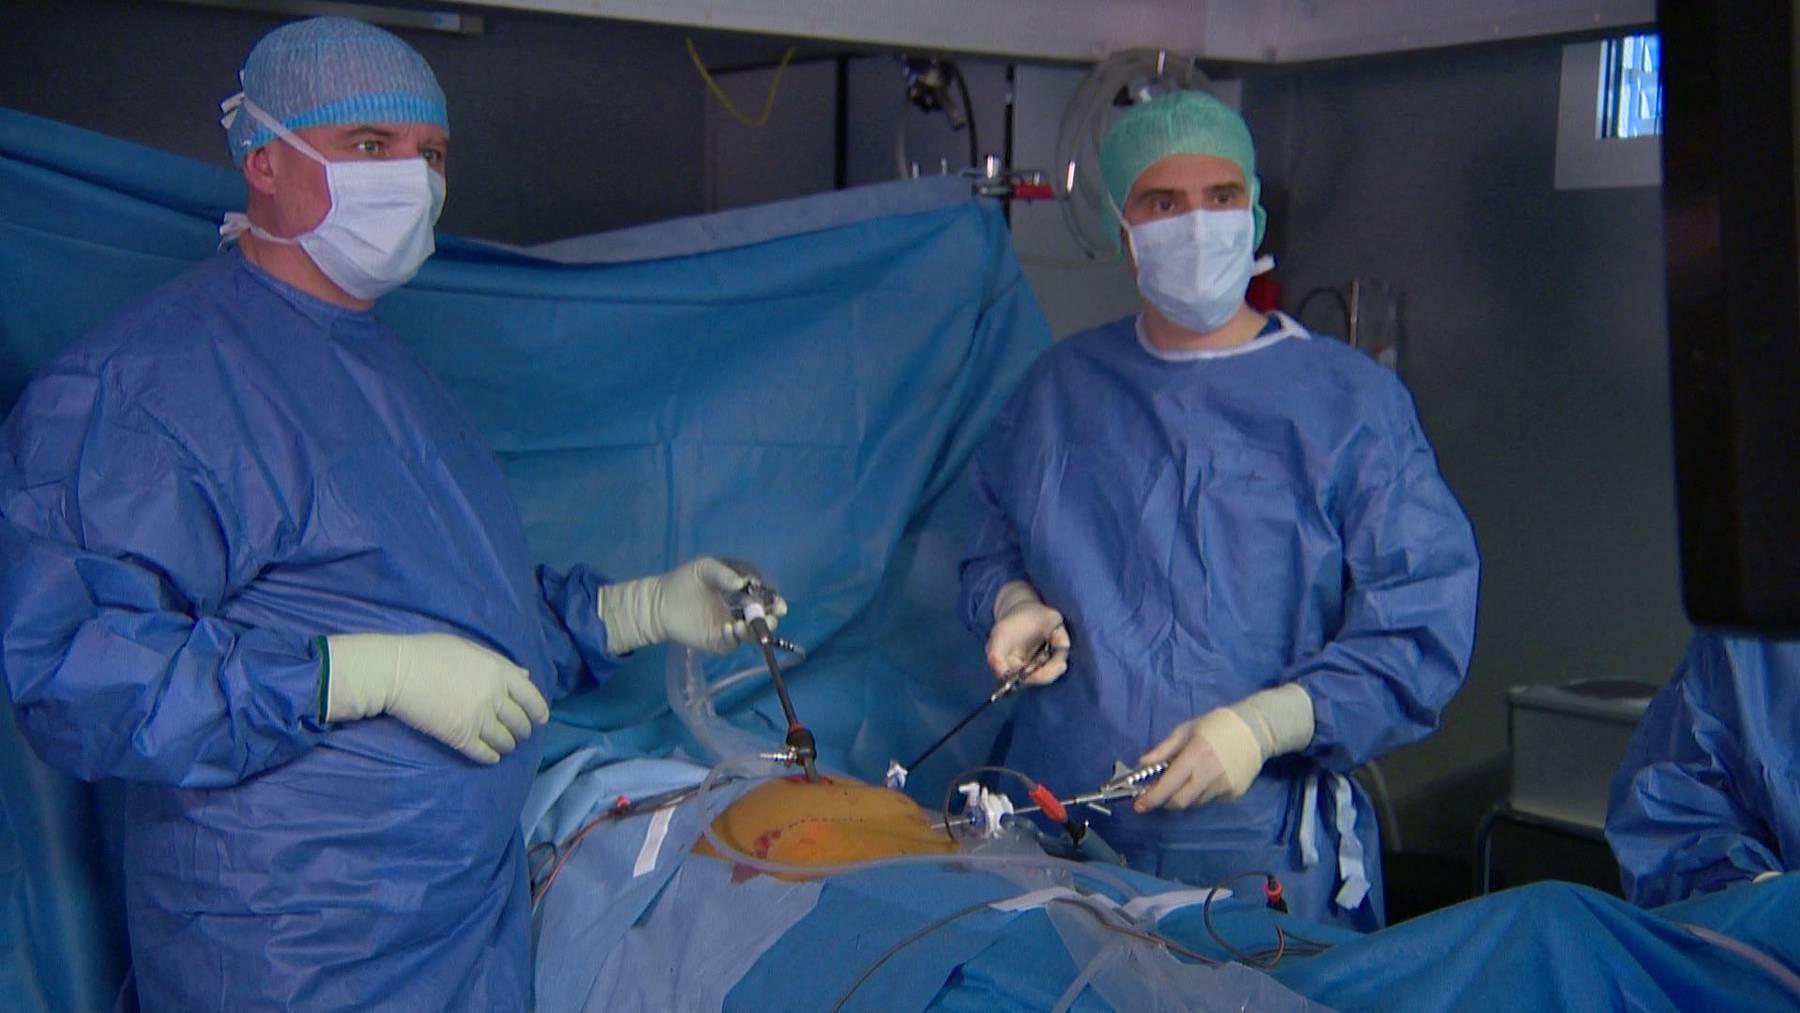 Minimalinvasiver Eingriff bei Leistenbruch